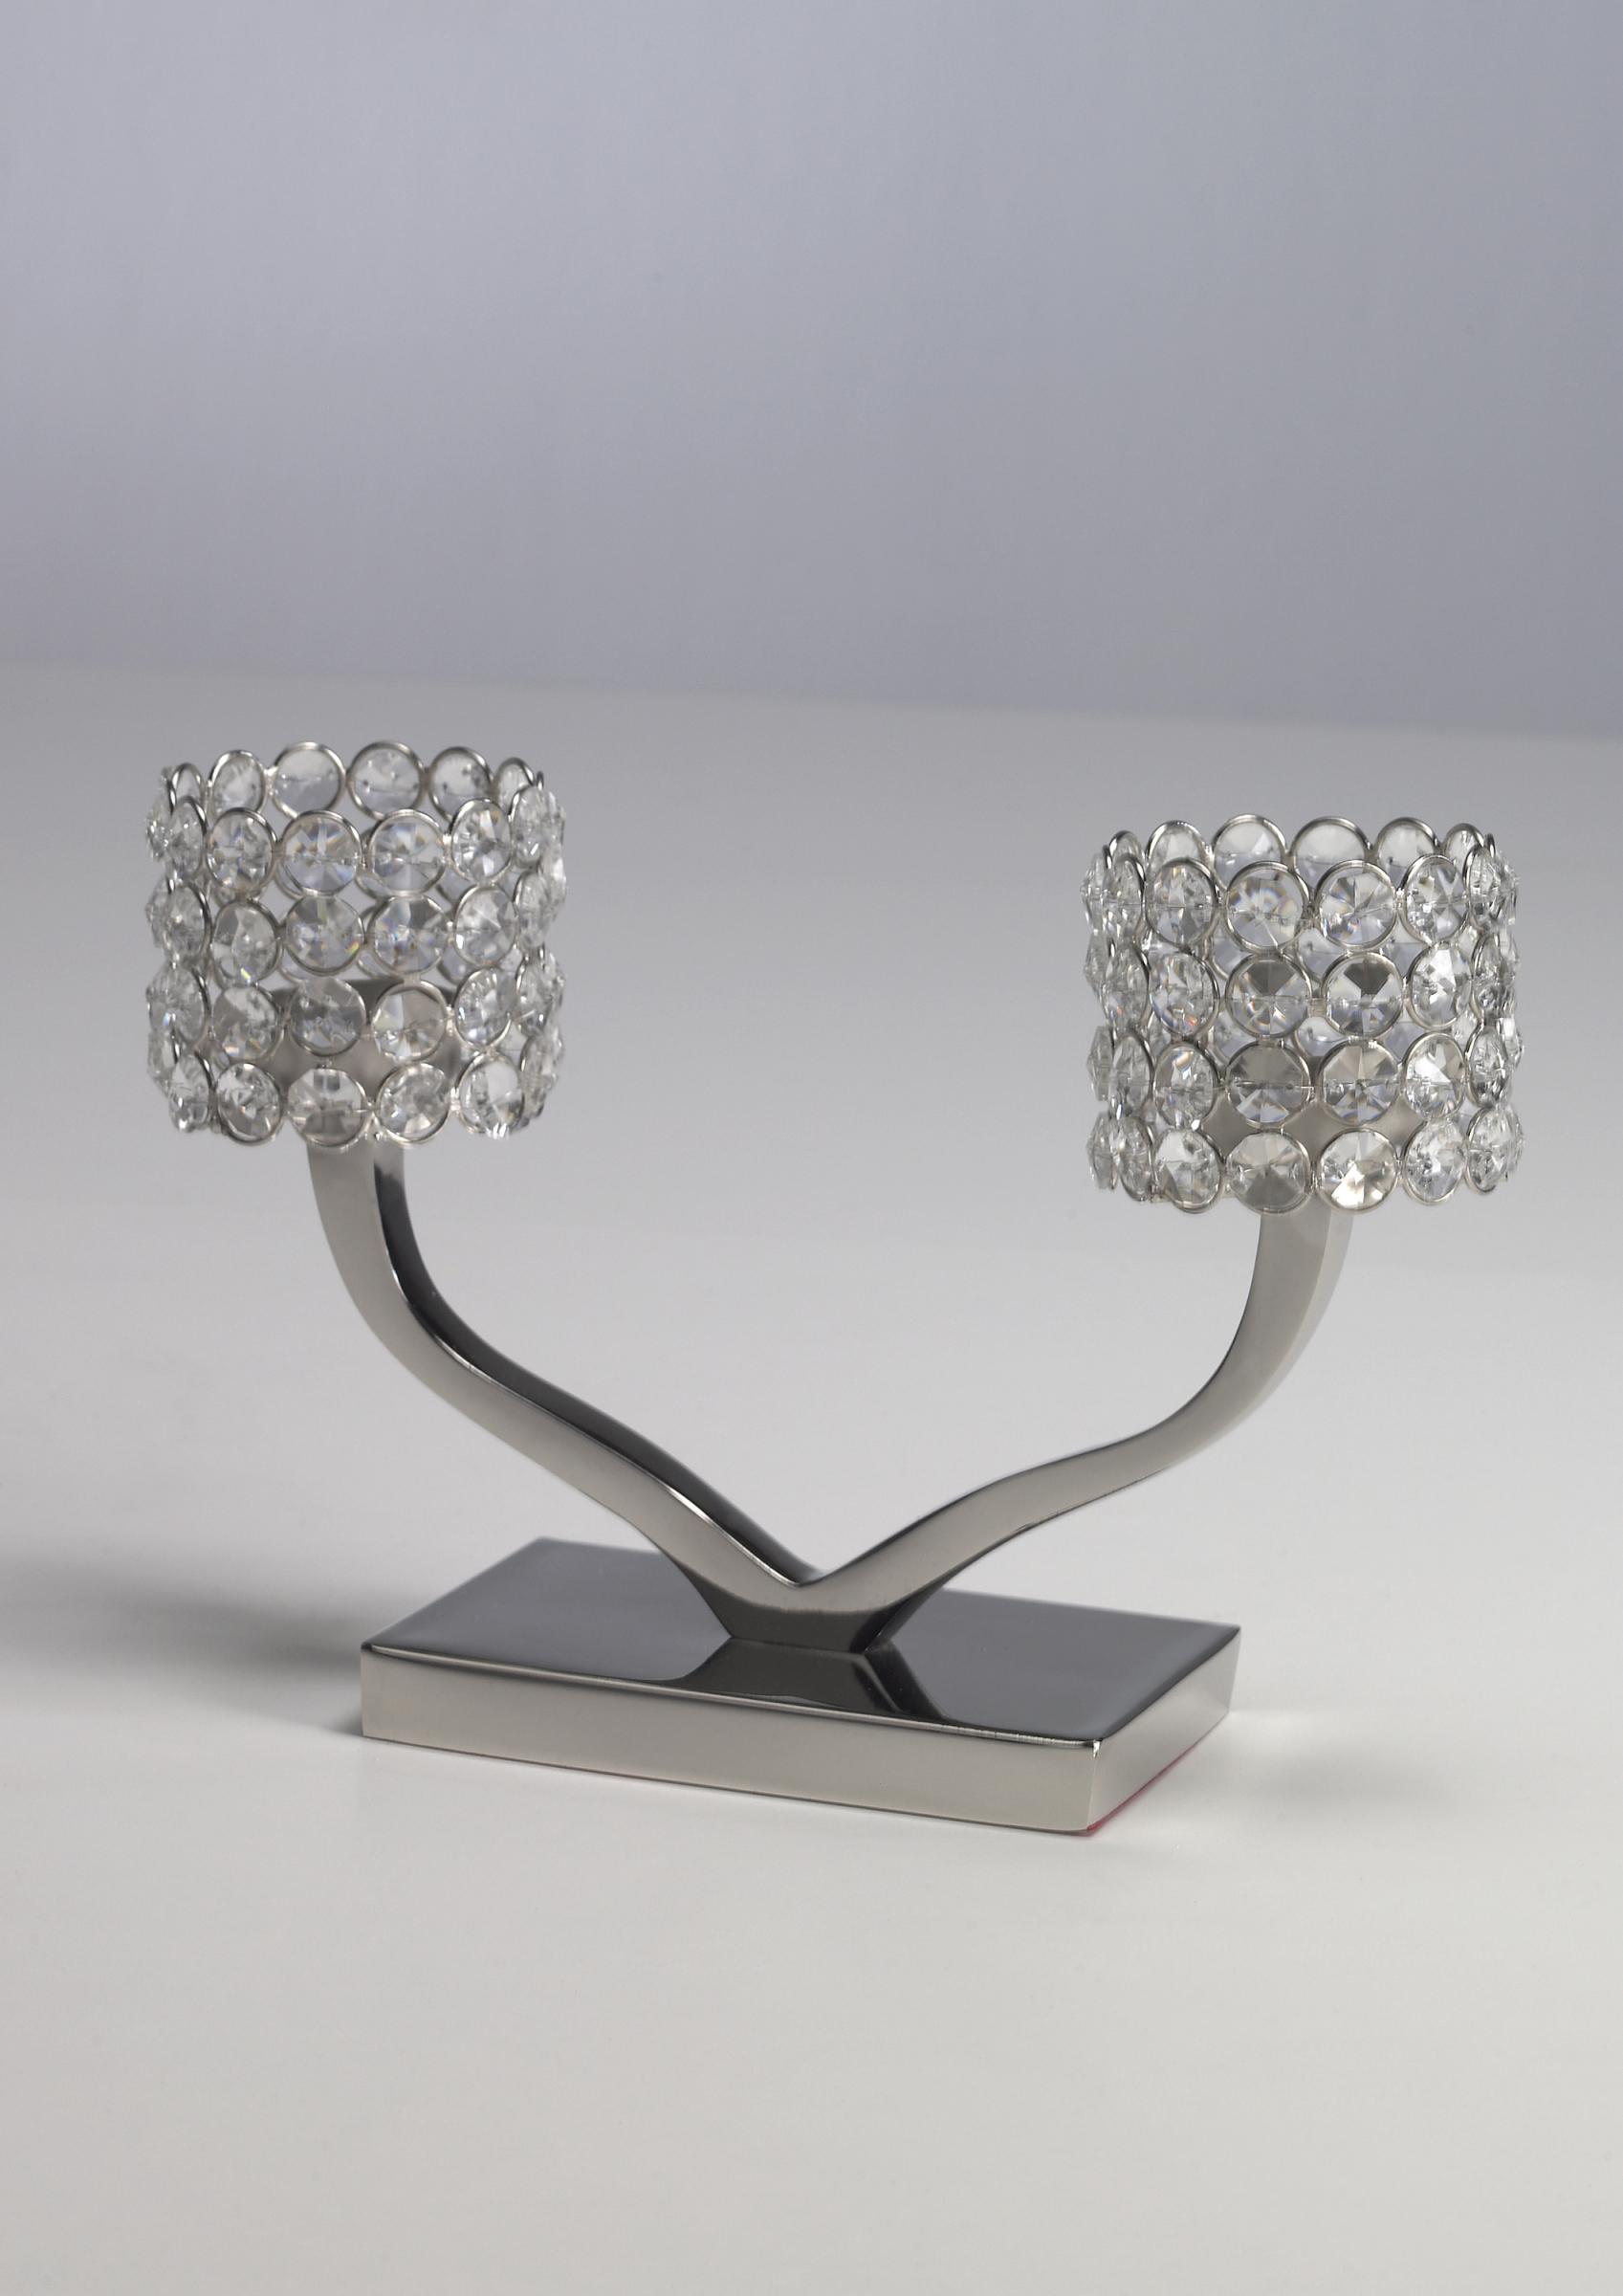 kristall kerzenst nder teelichthalter louise zweiarmig. Black Bedroom Furniture Sets. Home Design Ideas